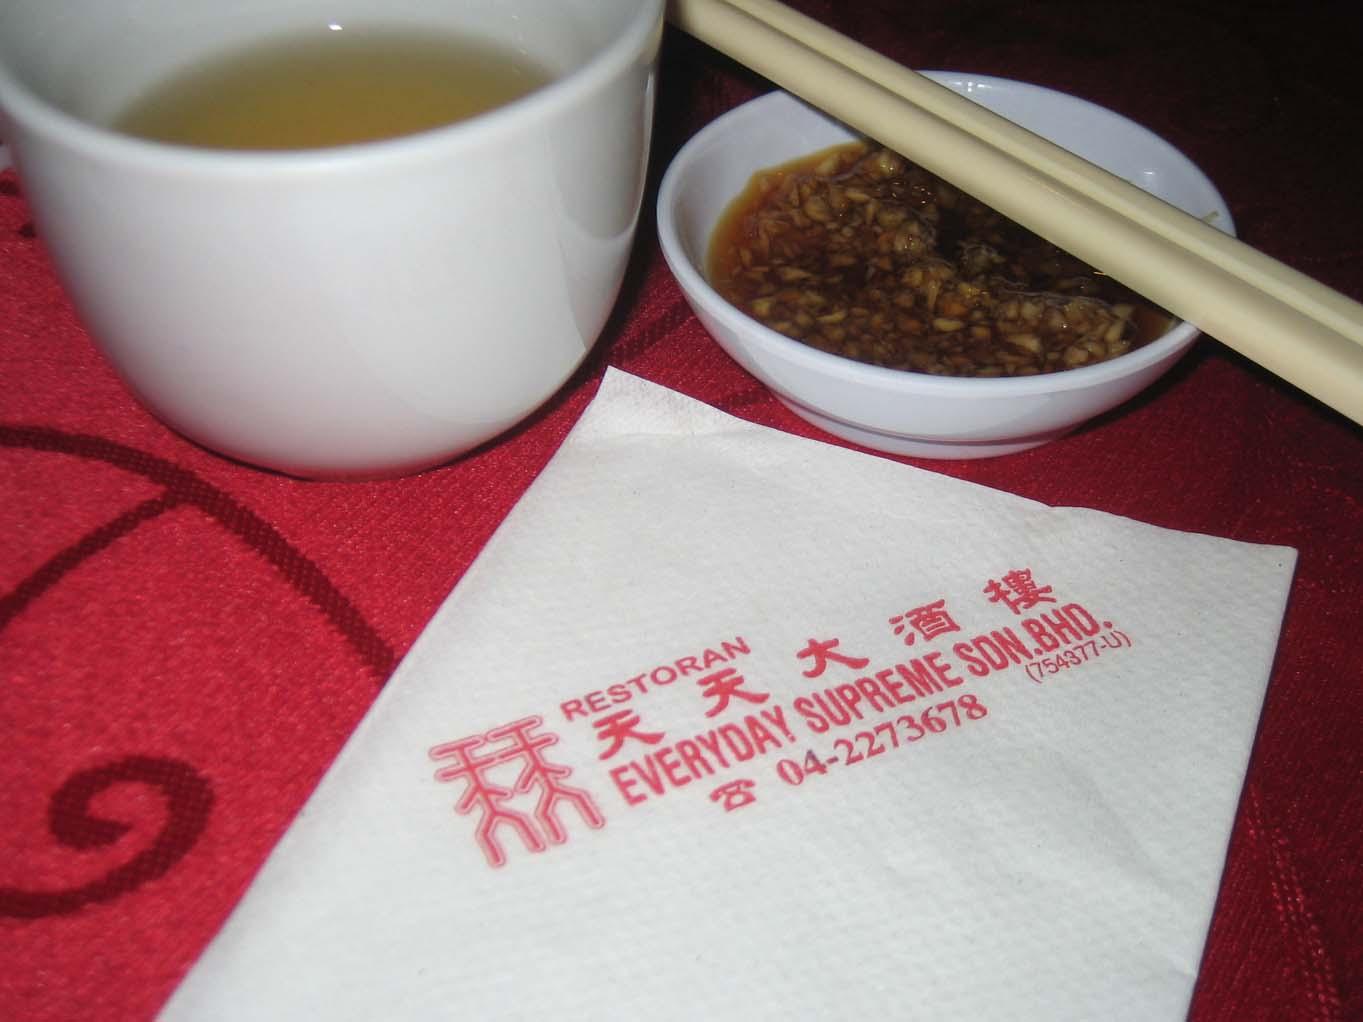 Tian Tian Restaurant